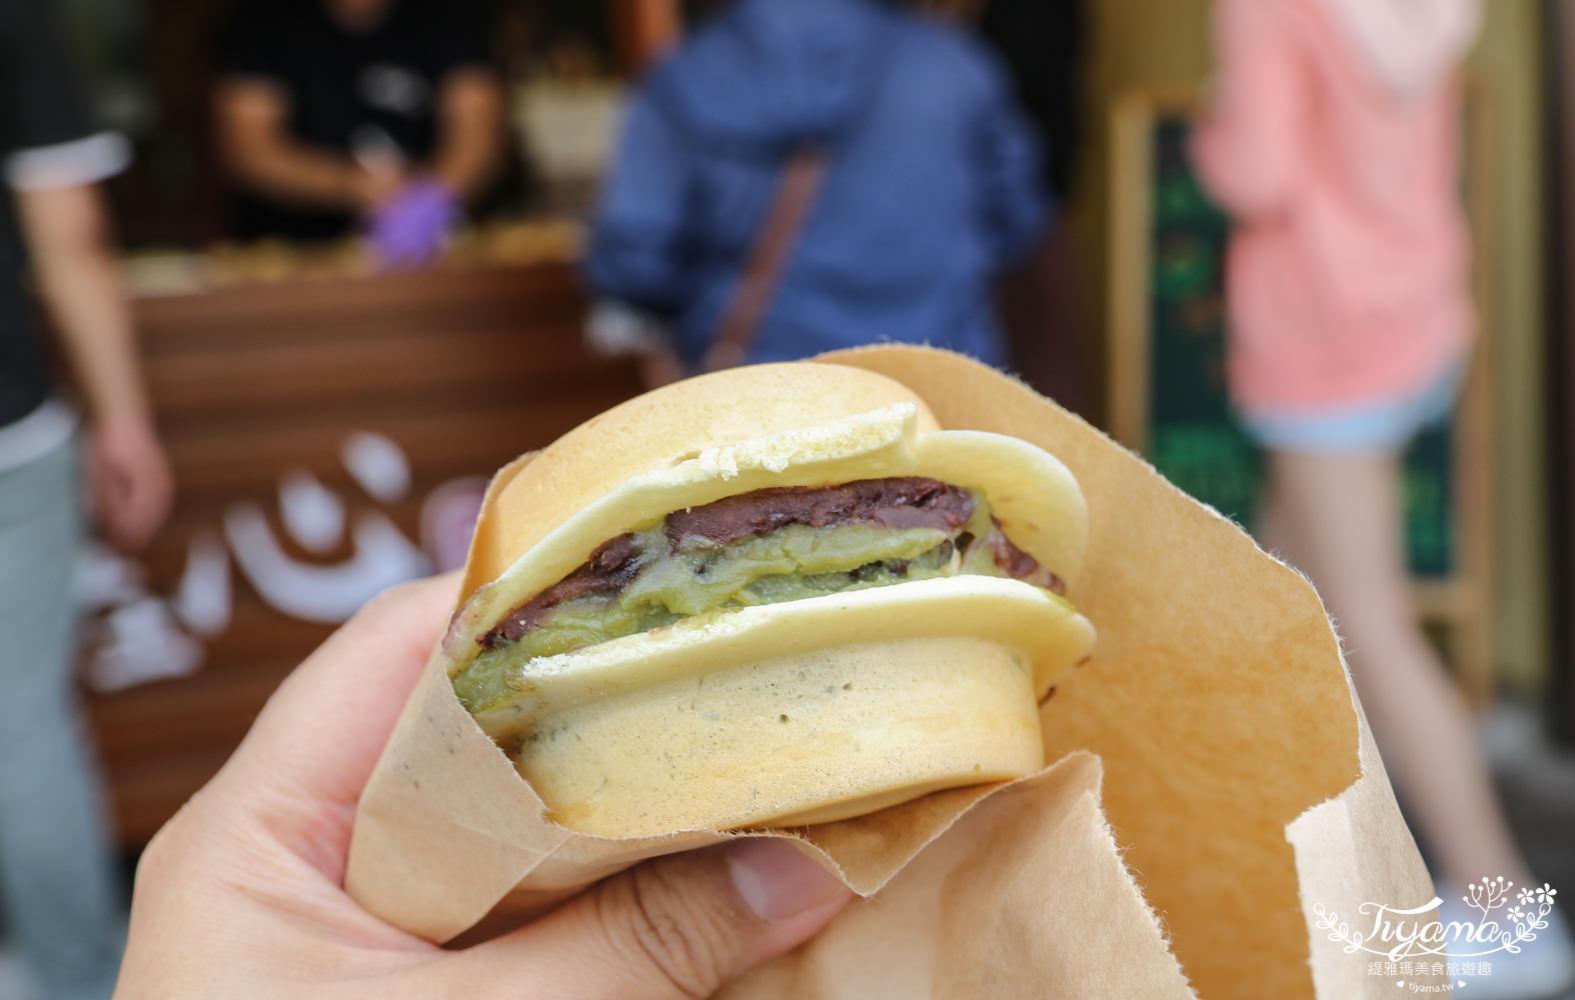 台南紅豆餅推薦|甜在心紅豆餅-中華店:「雙餡料」平價爆漿紅豆餅,1顆15元 、2顆25元 @緹雅瑪 美食旅遊趣